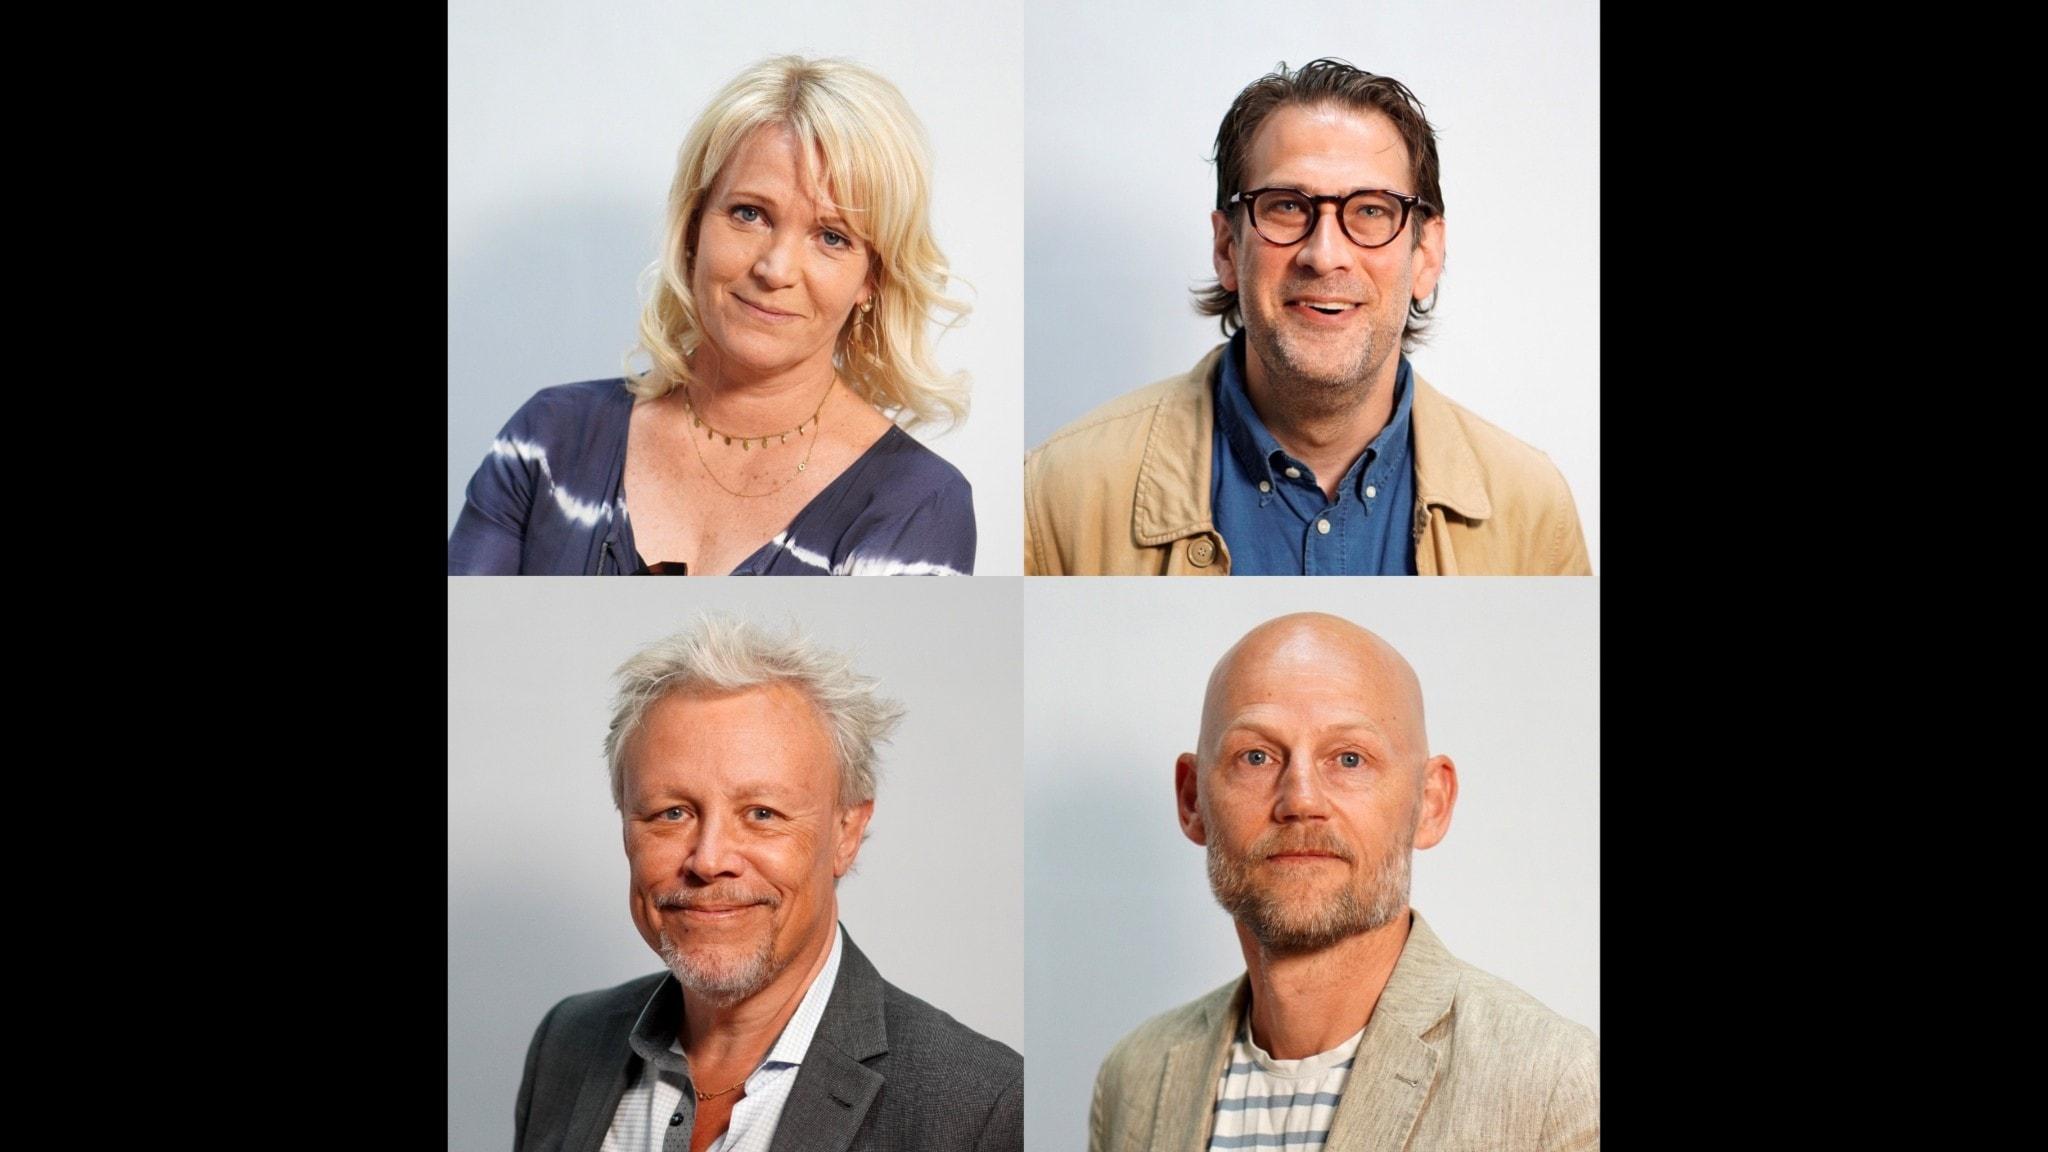 Kattis Ahlström, Niklas Källner, Staffan Dopping & Jörgen Huitfeldt